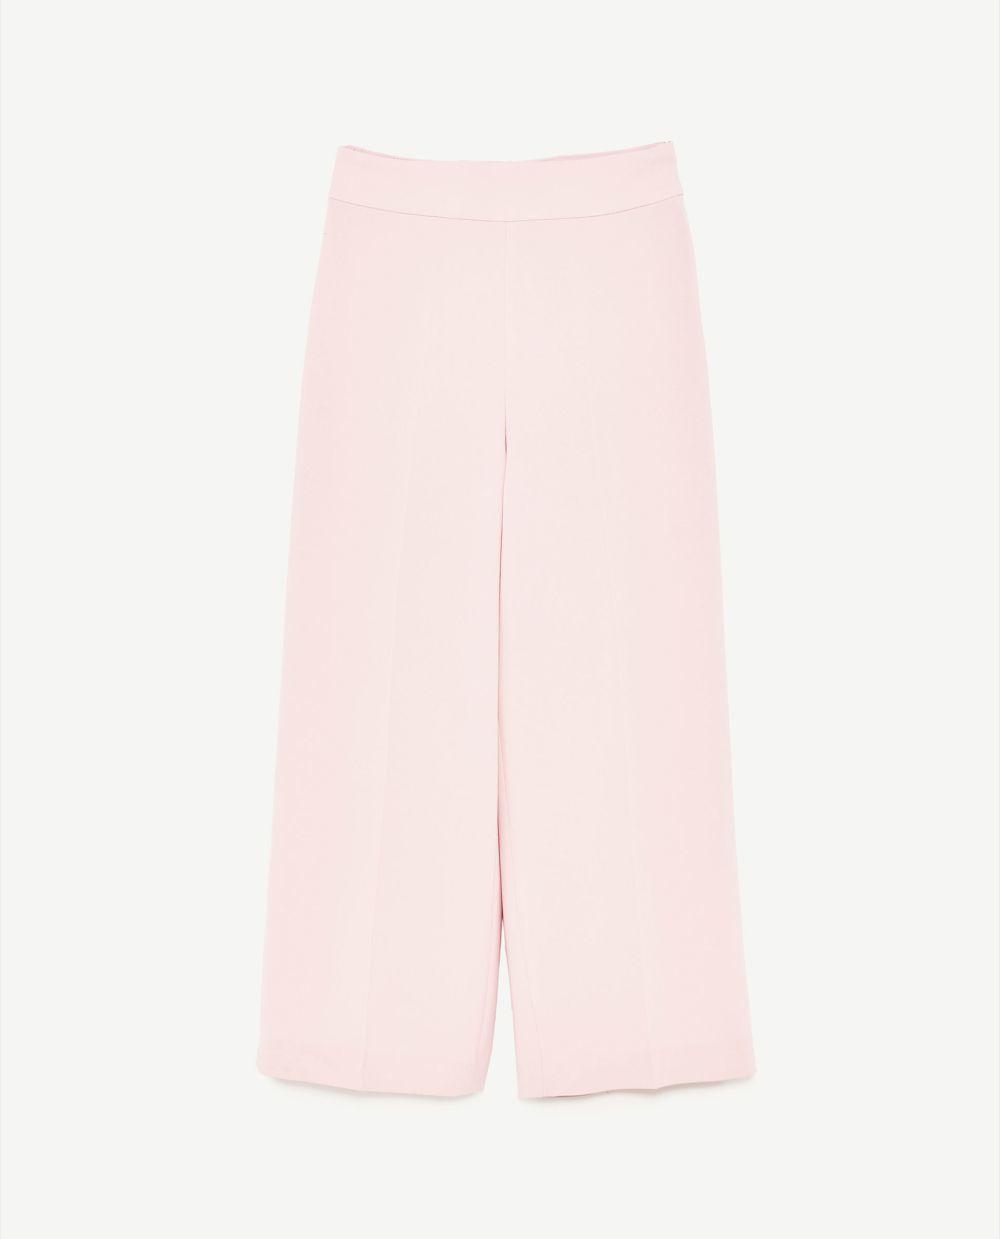 Culotte rosa de Zara(17, 99 euros)